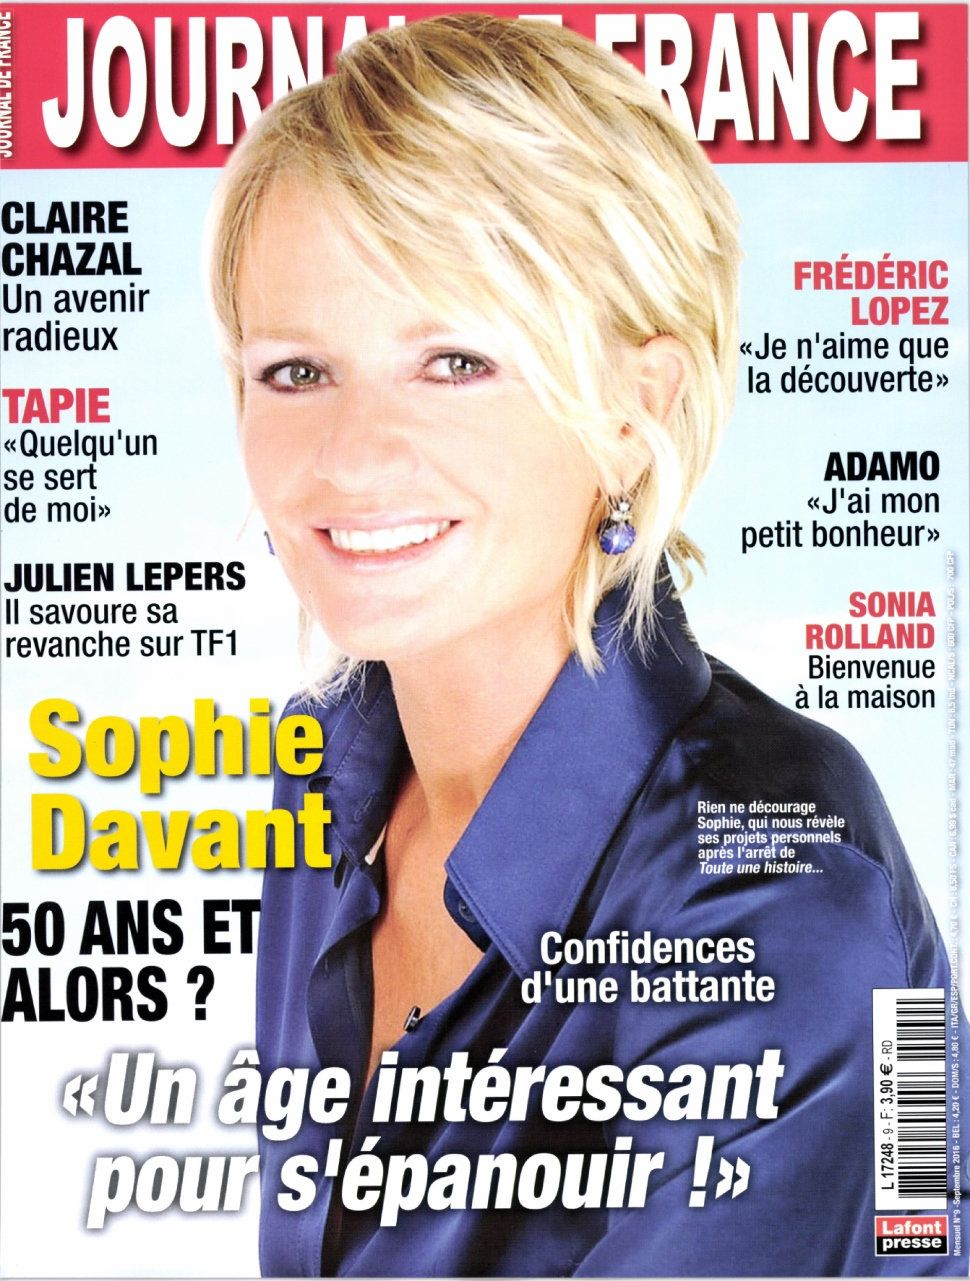 Journal de France 9 - September 2016